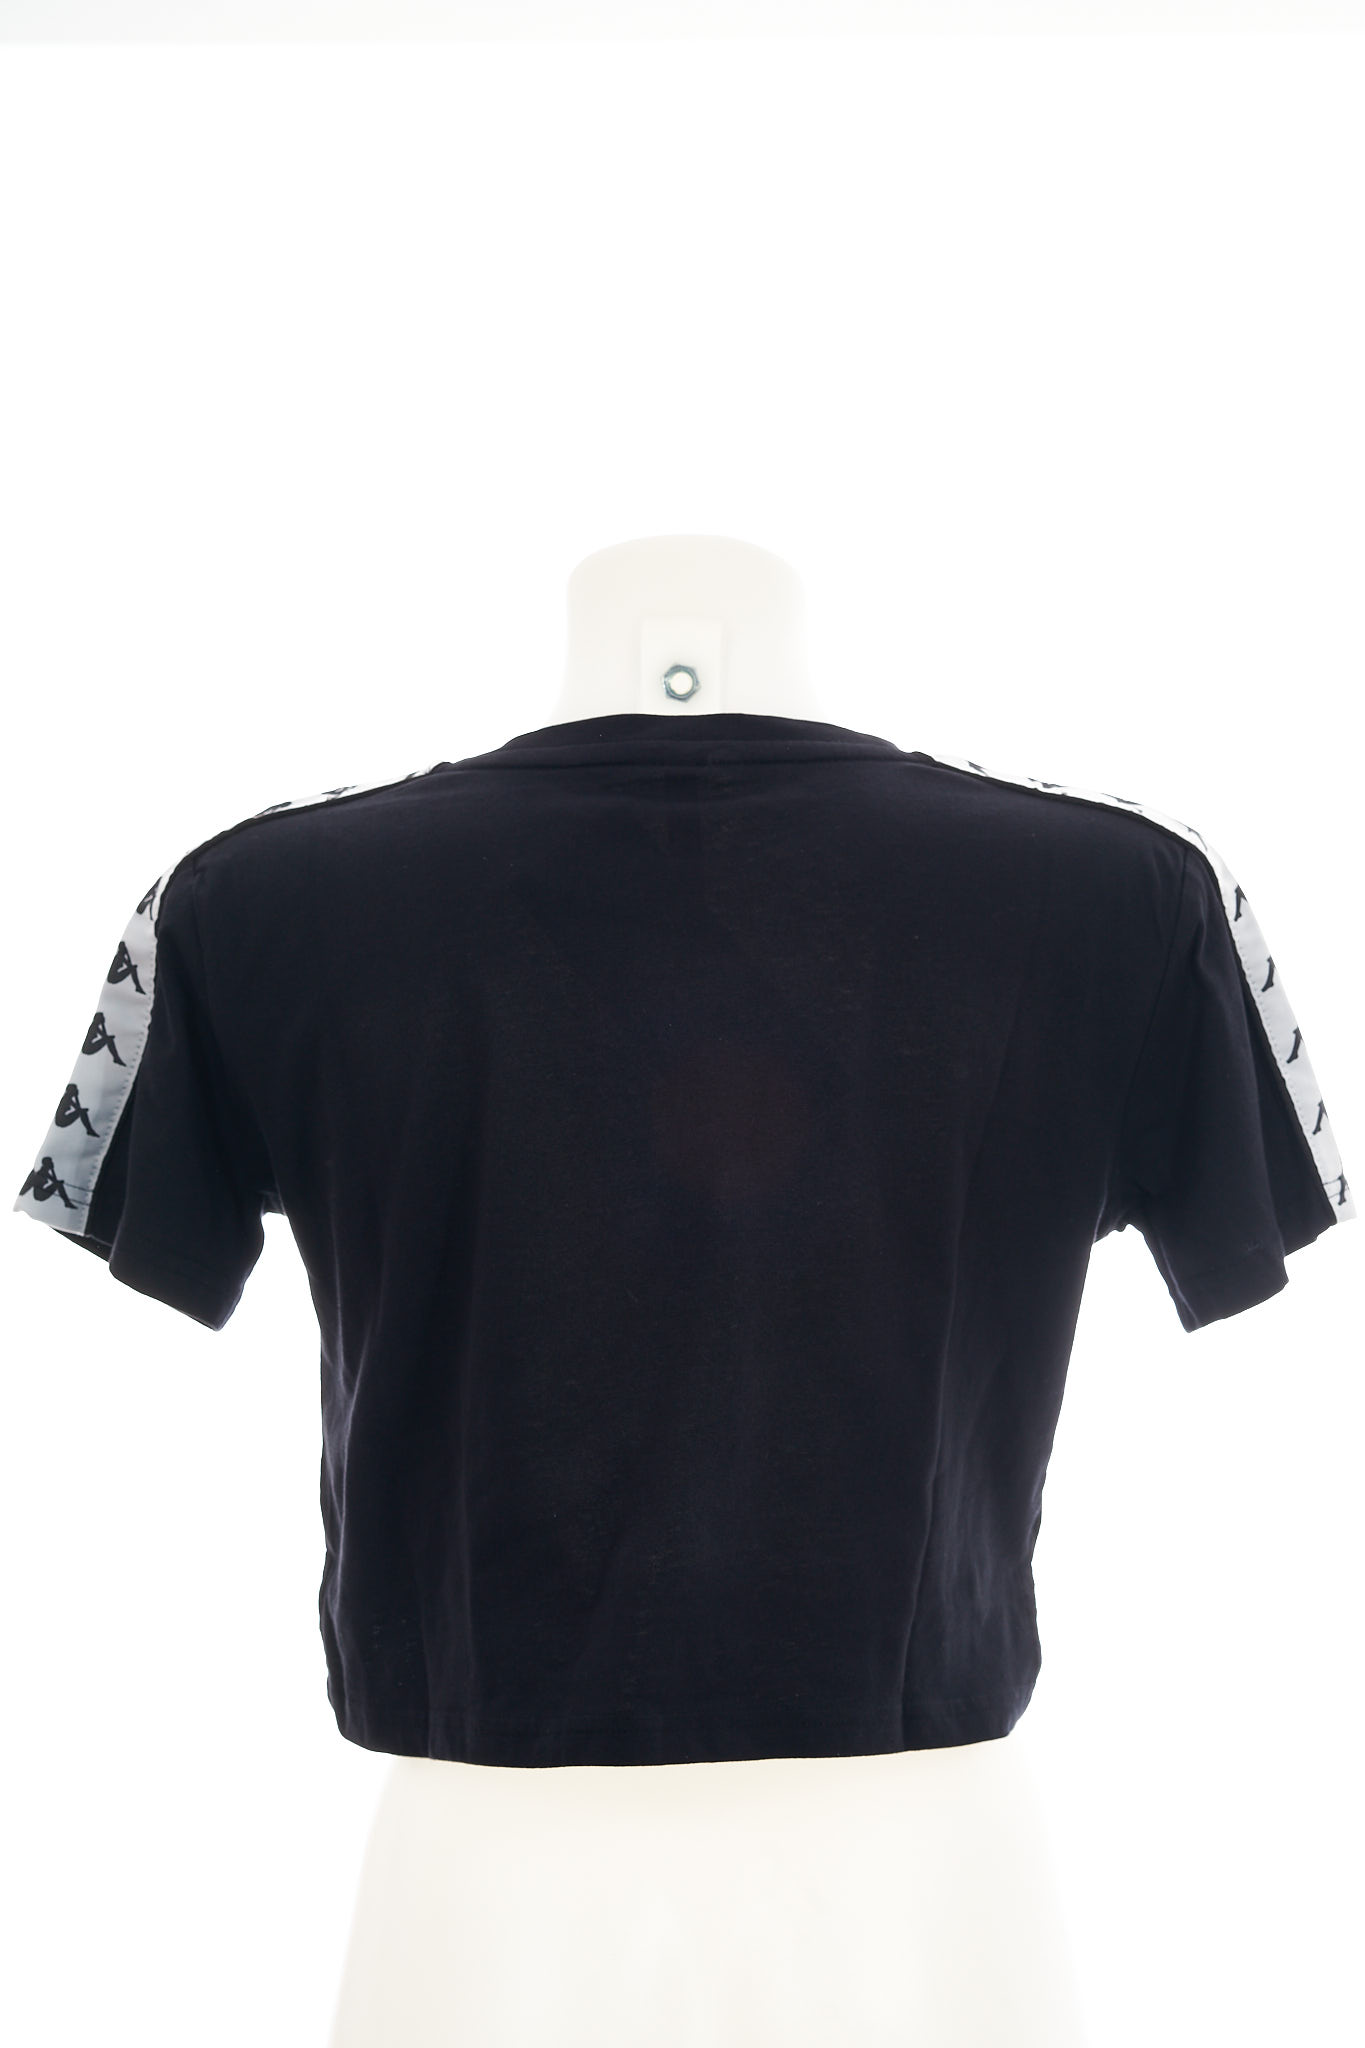 T-shirt KAPPA | T-shirt | 303WGQ0BY7